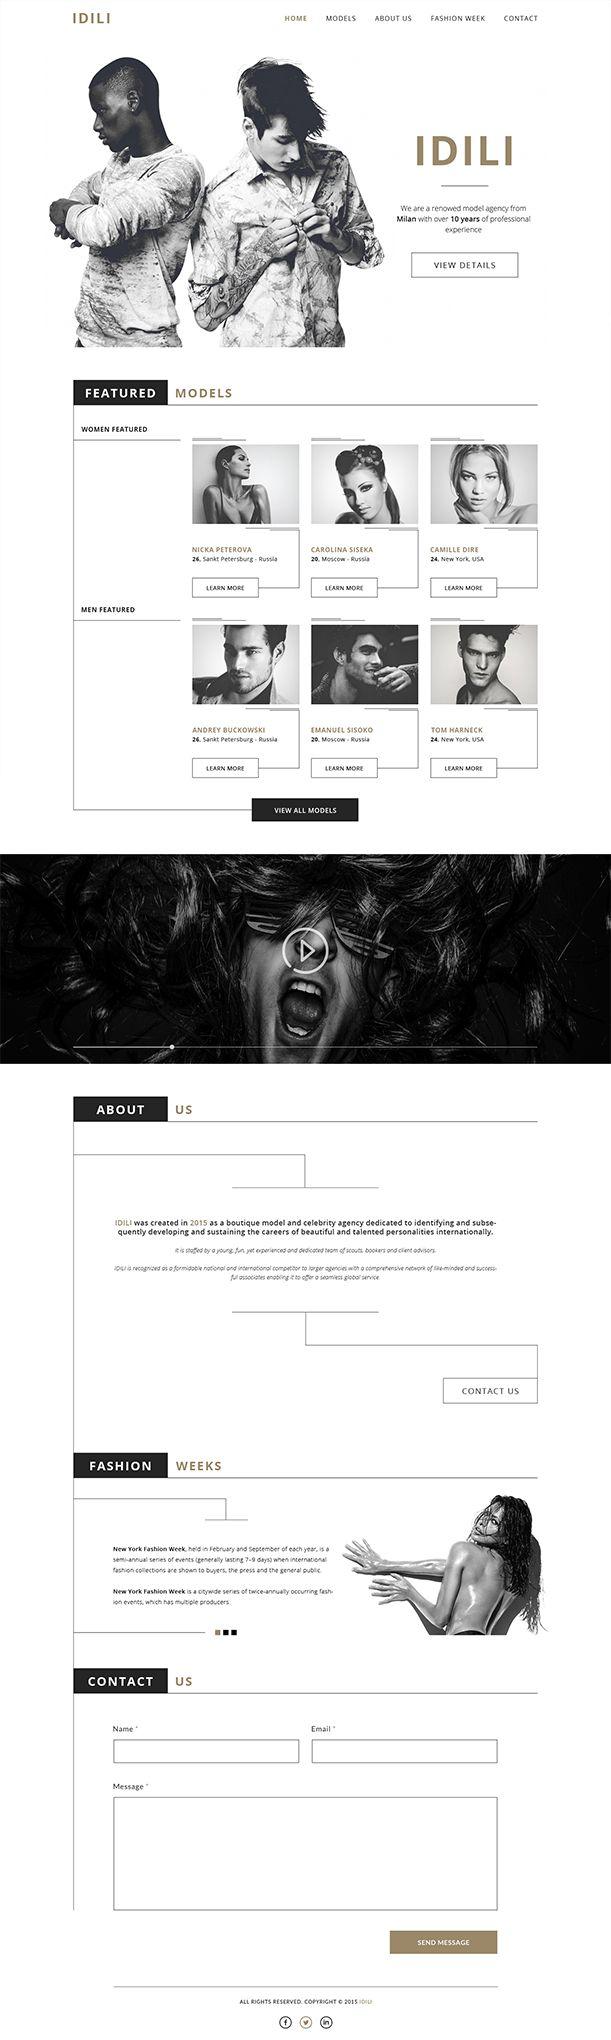 IDILI Fashion Agency Website